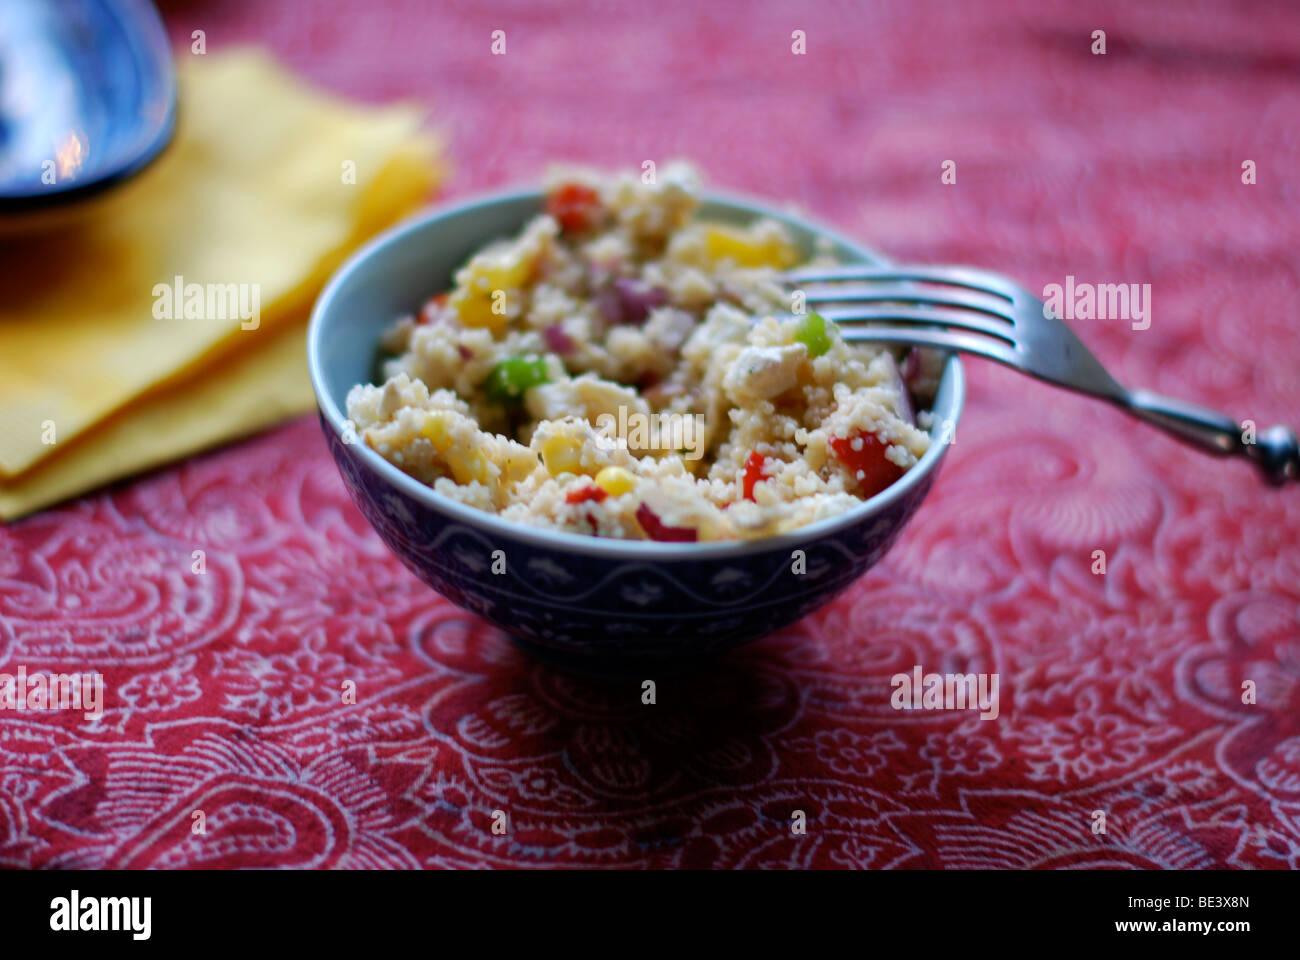 Couscous in blau Schüssel auf roten Tischdecke Stockfoto